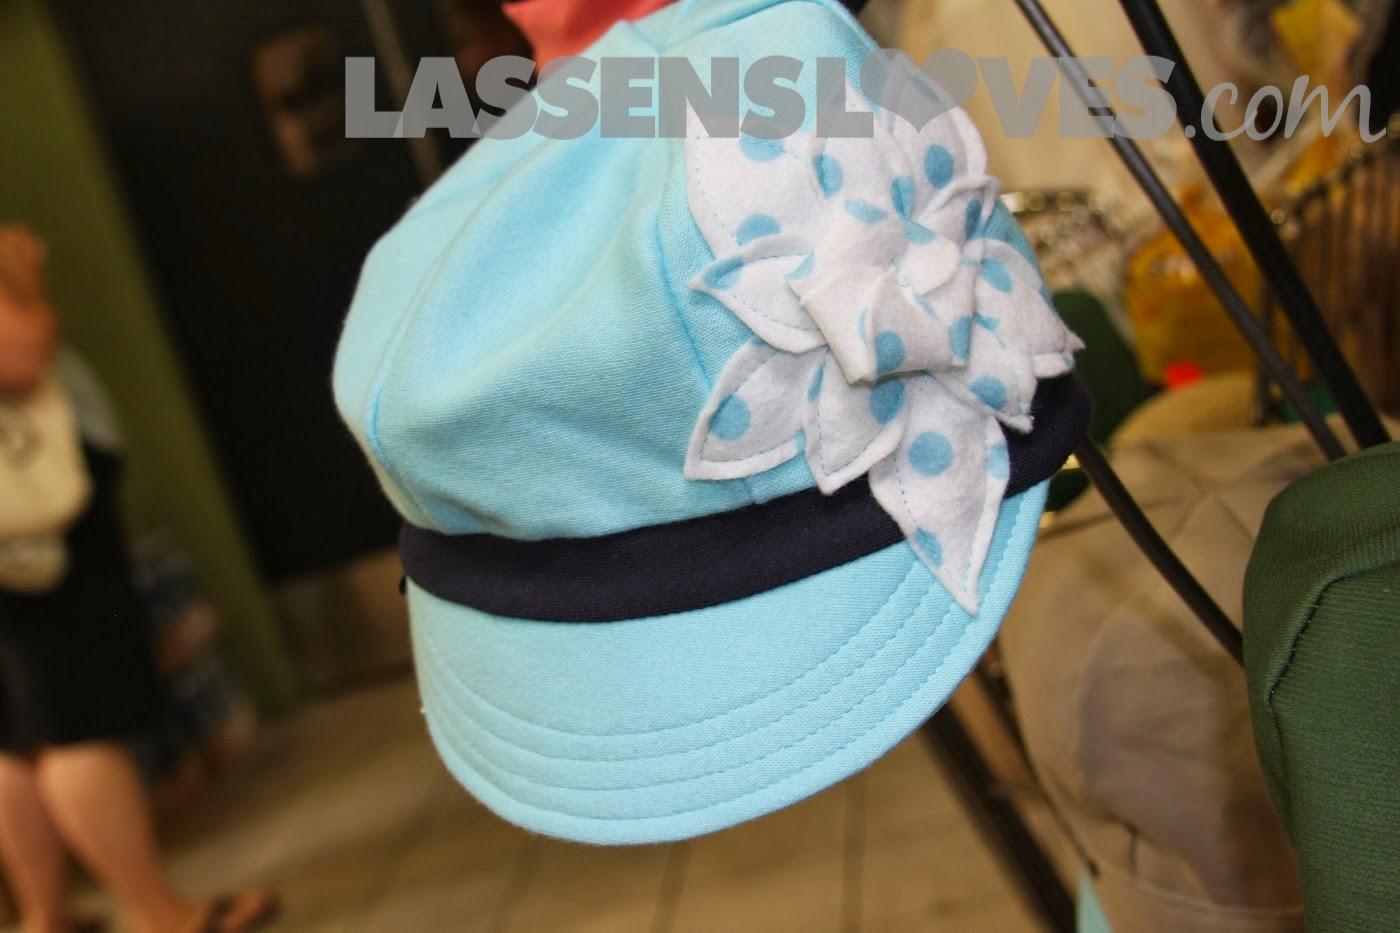 lassensloves.com, Lassen's, Lassens, Team+Member+Spotlight, flipside+hats